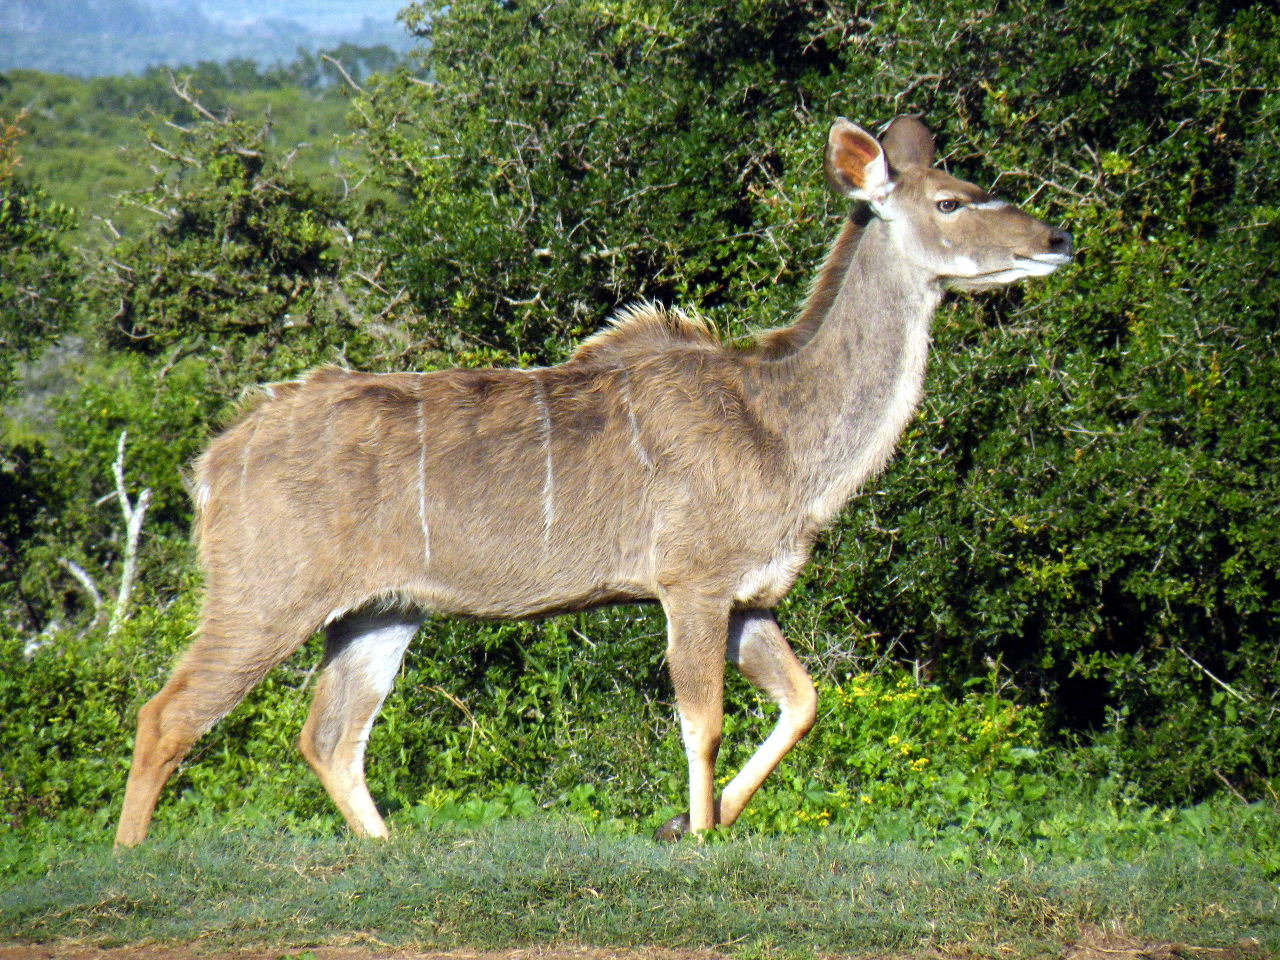 Kudu+Animal%2C+Kudu+%2818%29.JPG